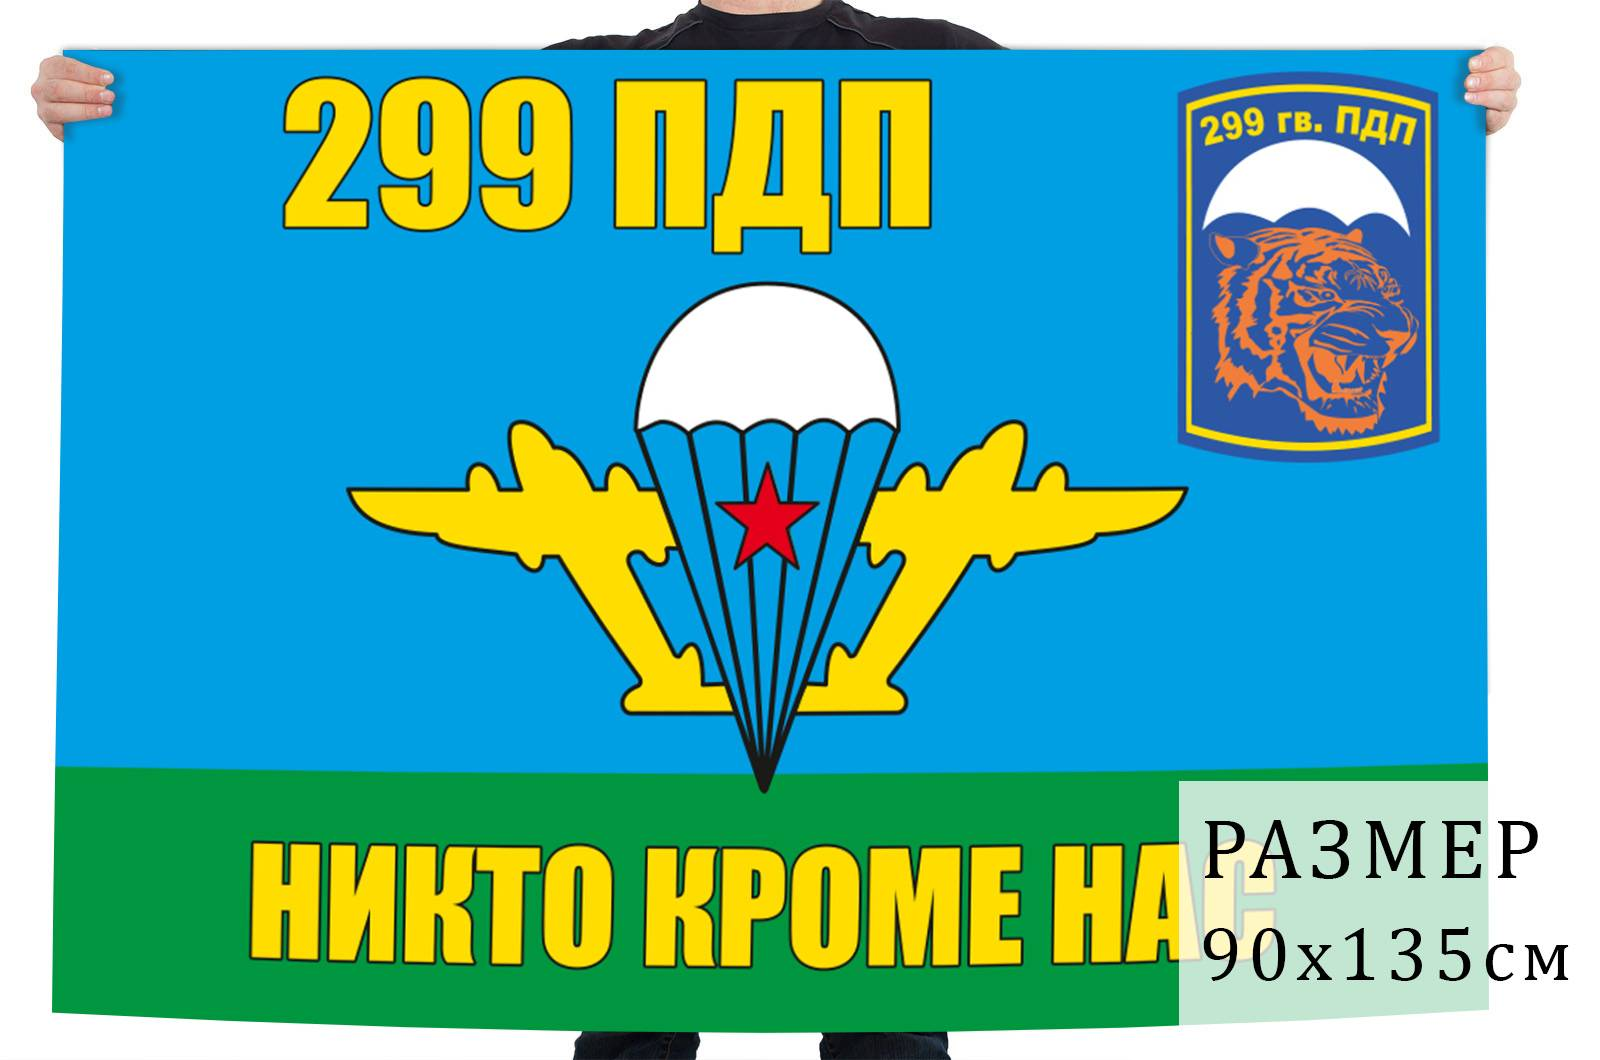 217 полк ВДВ в Иваново